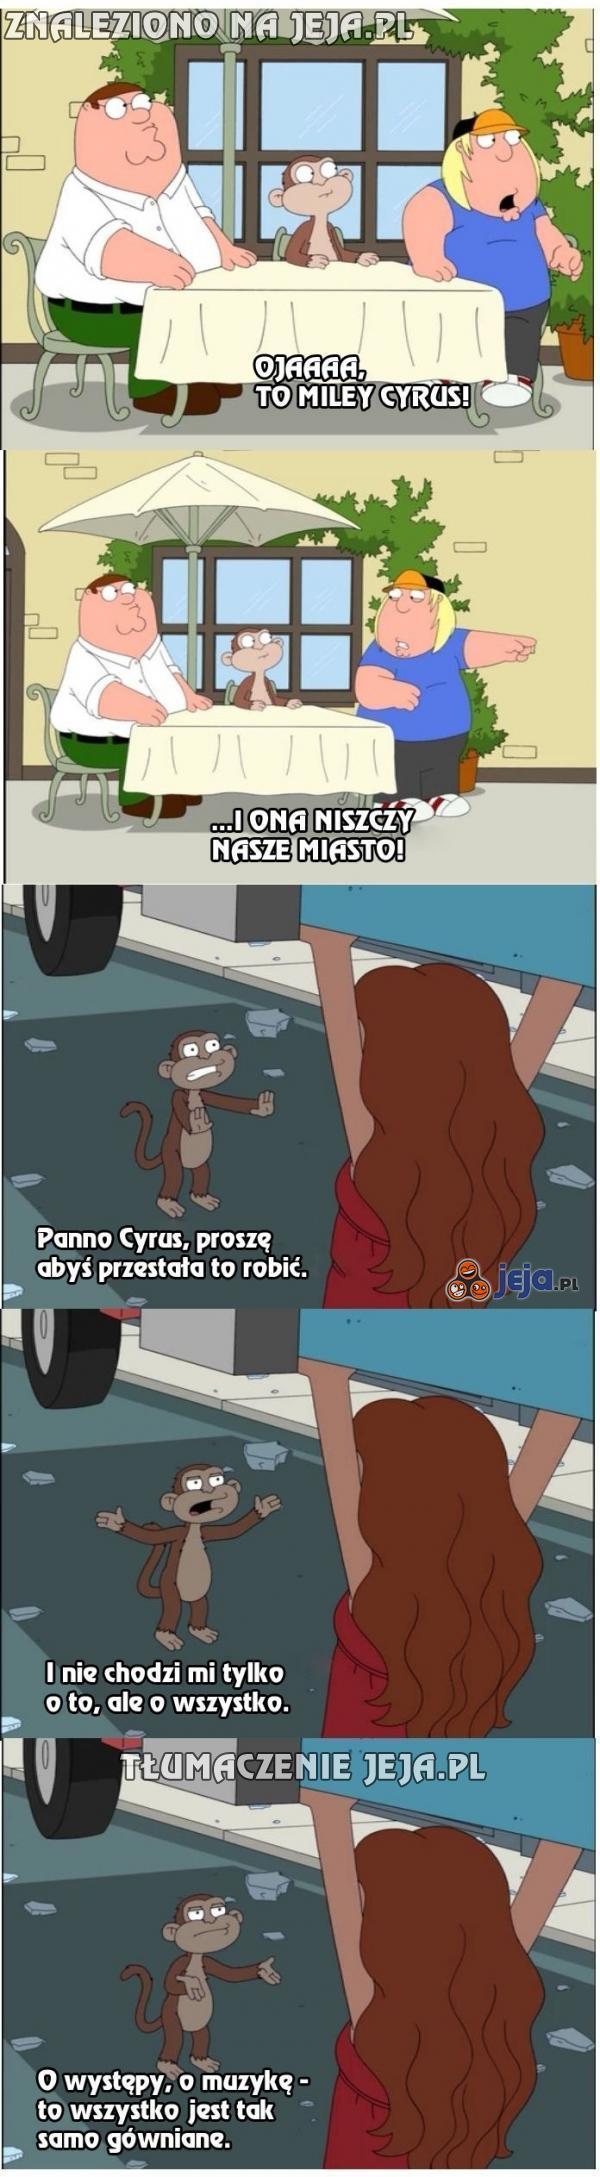 Miley Cyrus, STAHP